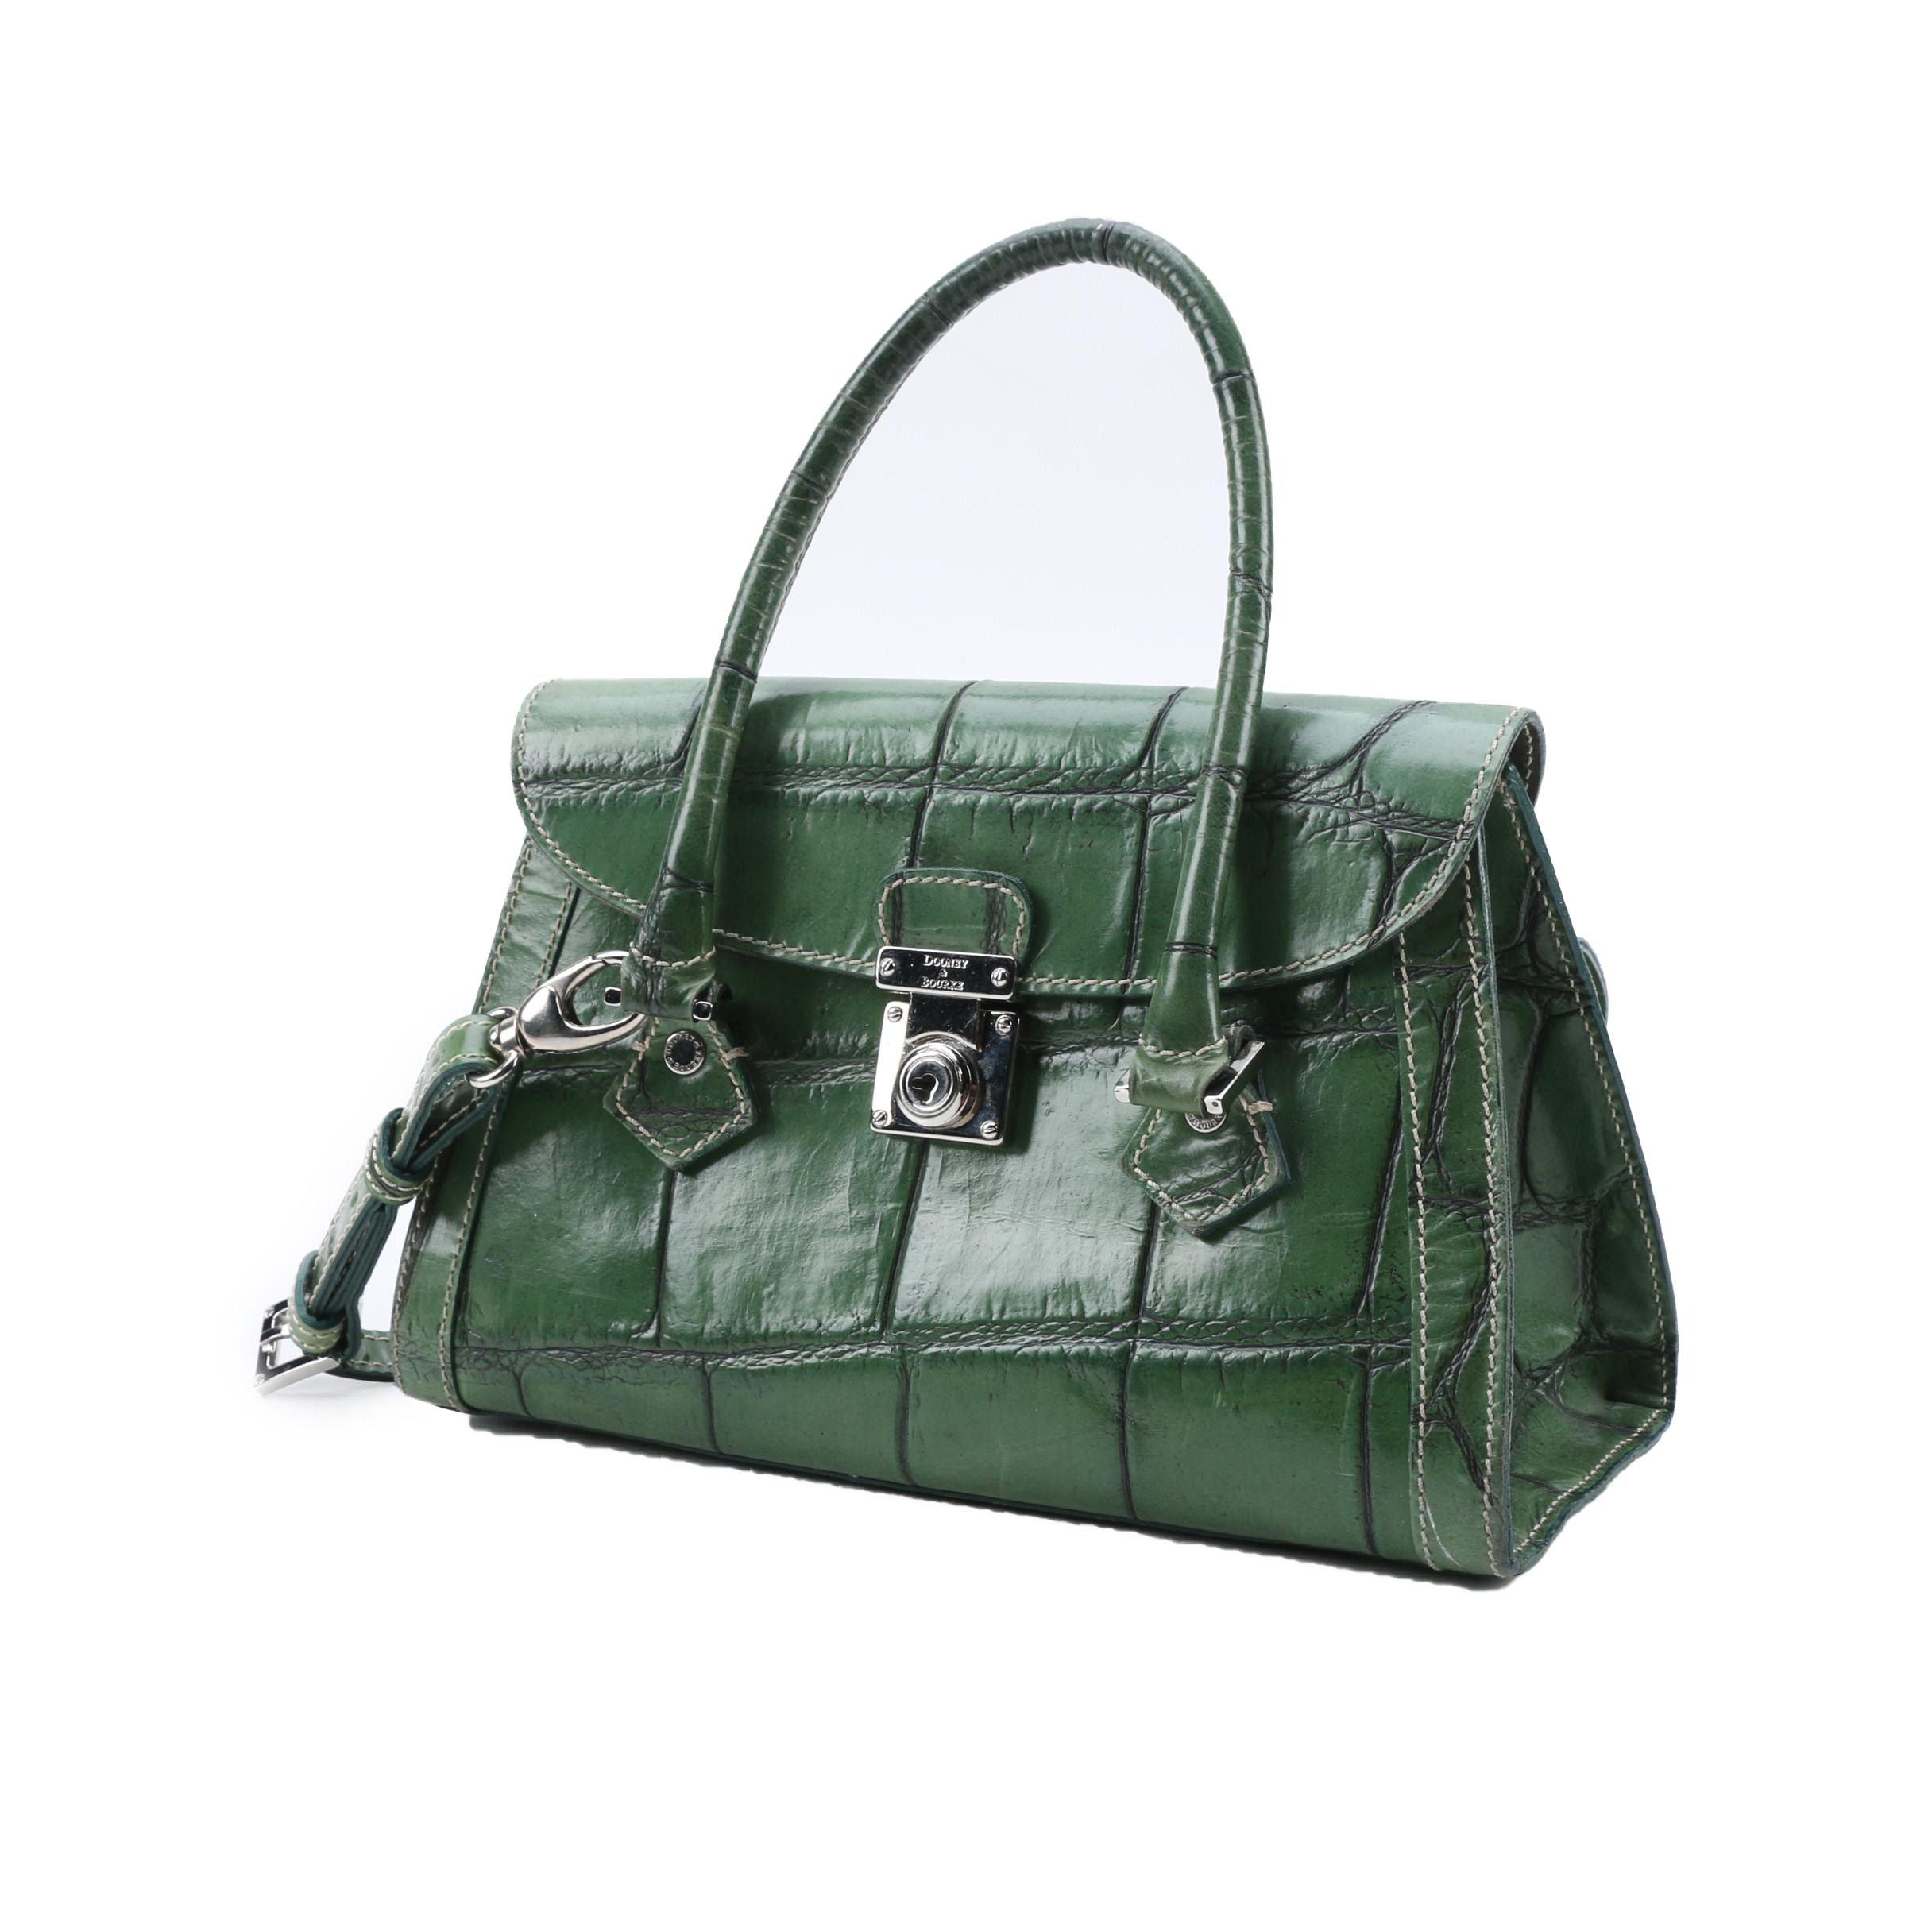 Dooney & Bourke Green Embossed Leather Handbag